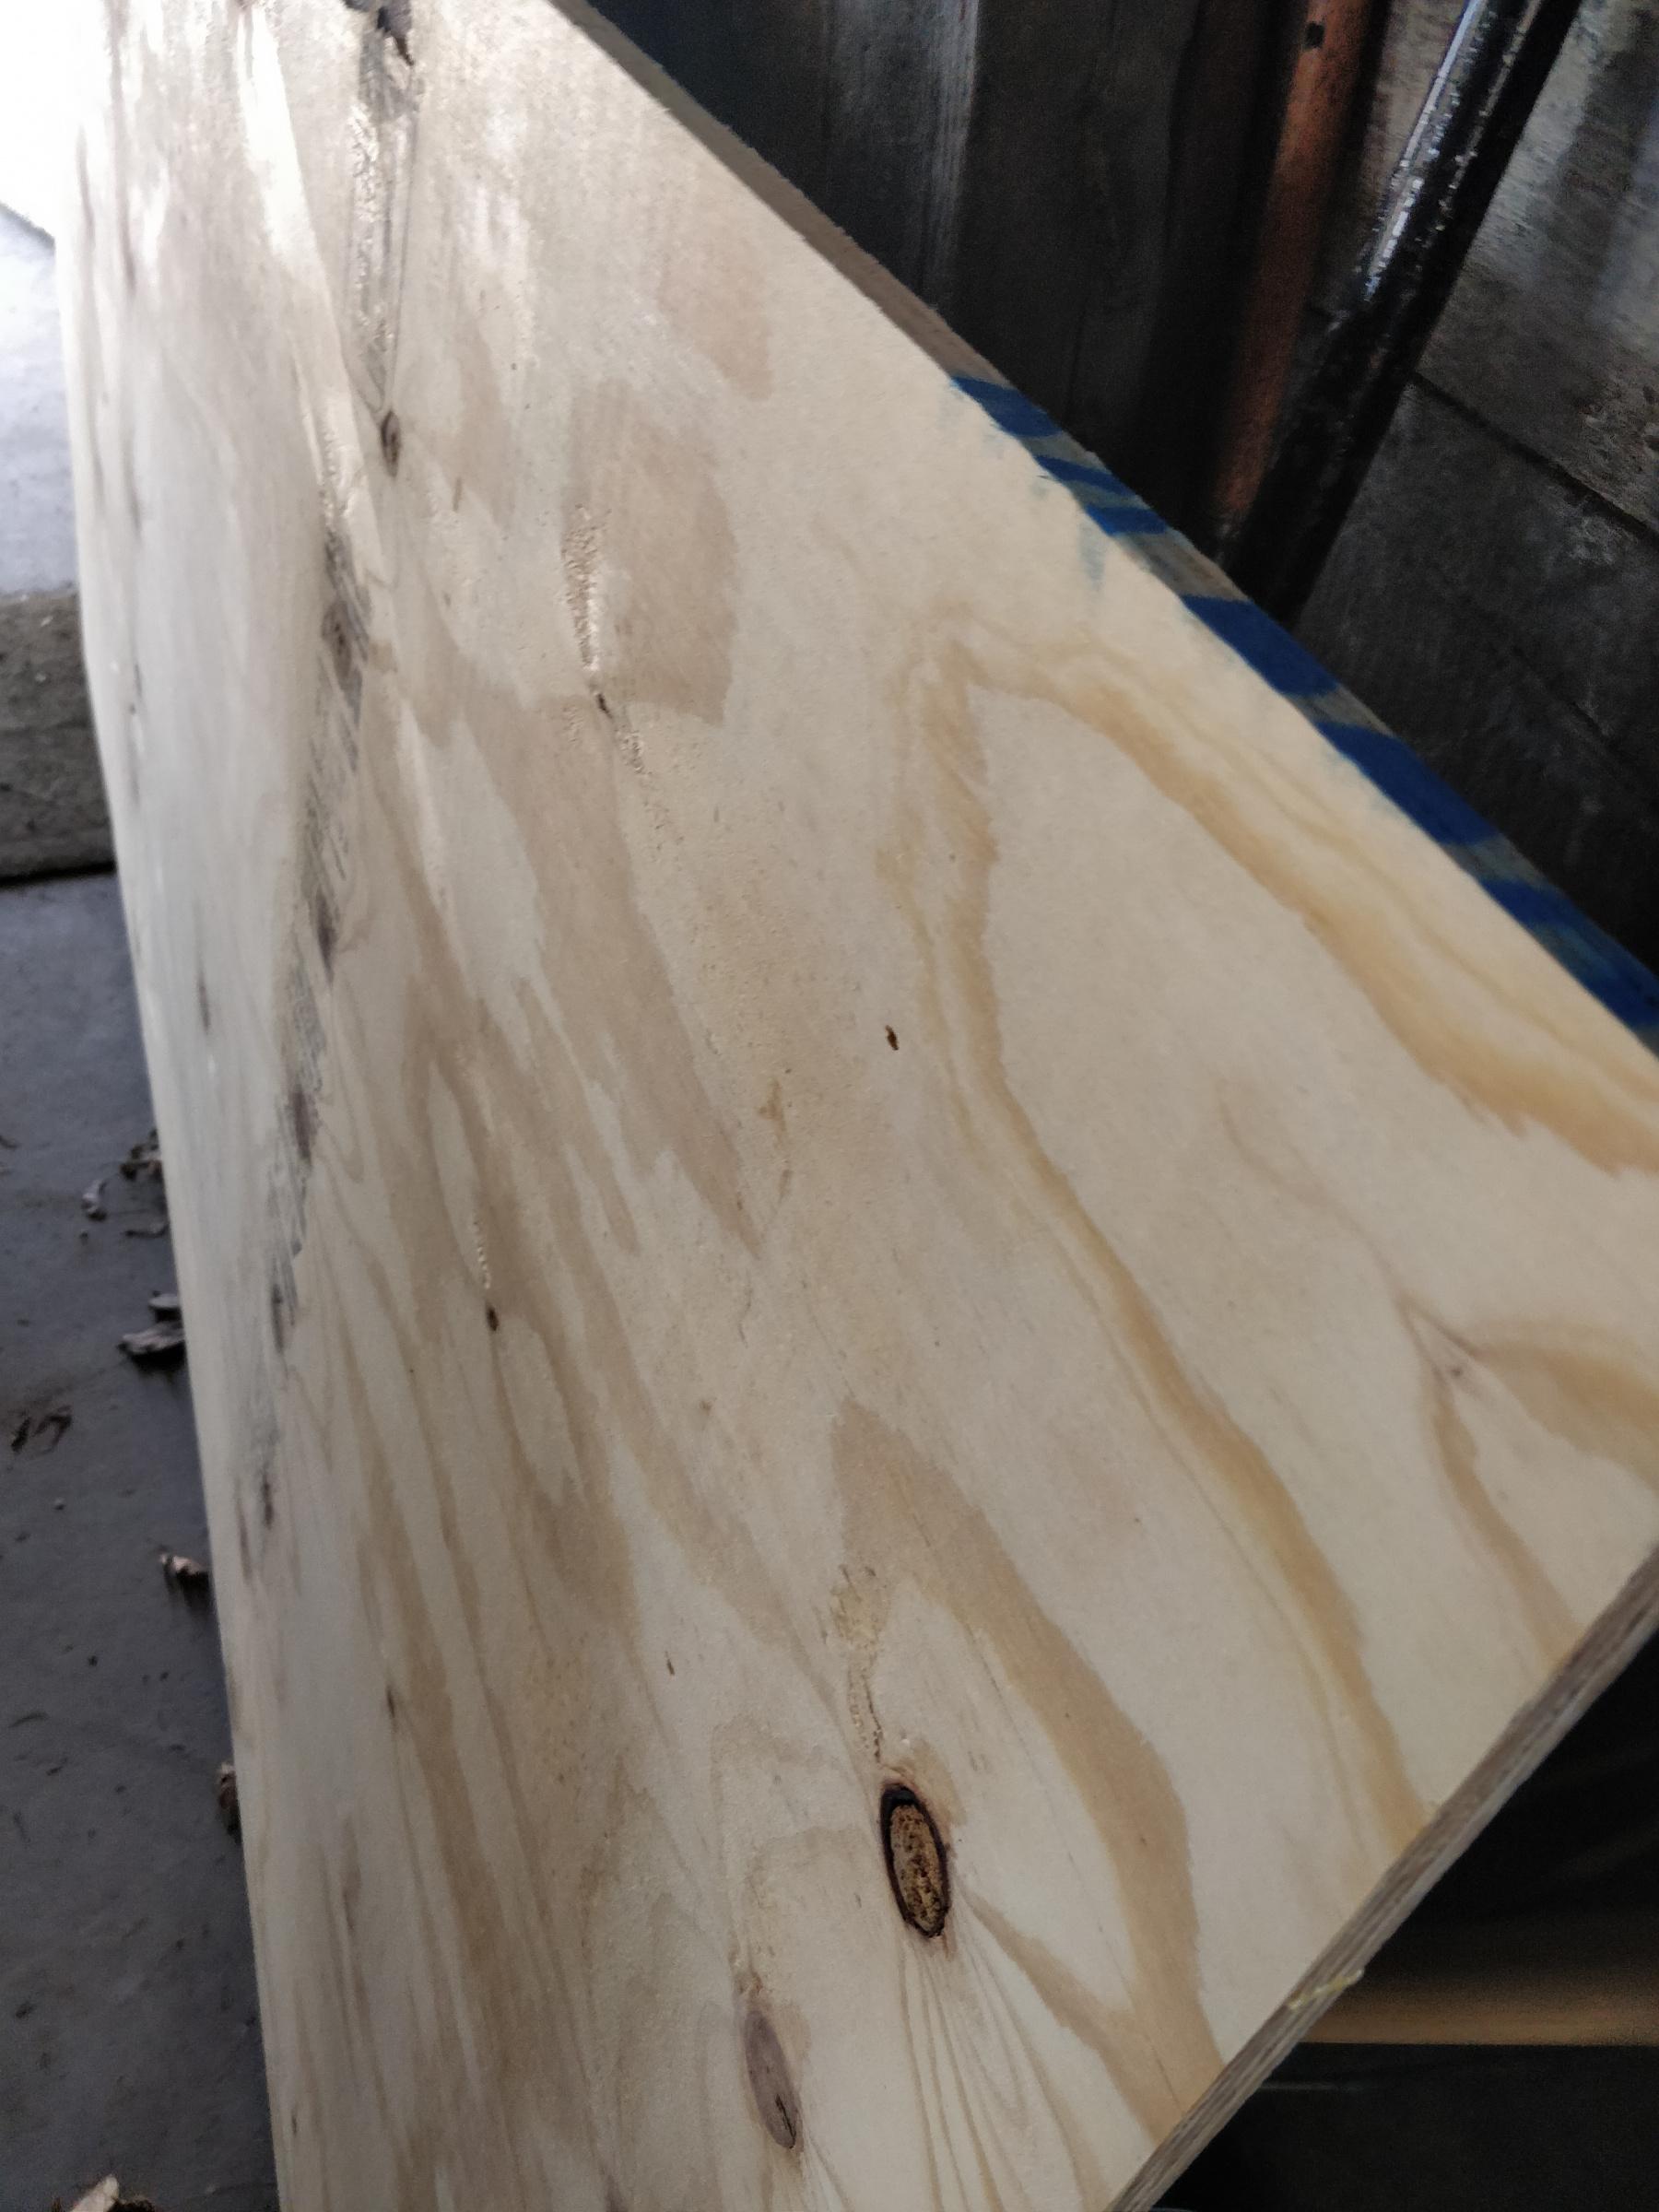 Can I tile over exterior plywood for kitchen backsplash?-img_20200321_150242.jpg